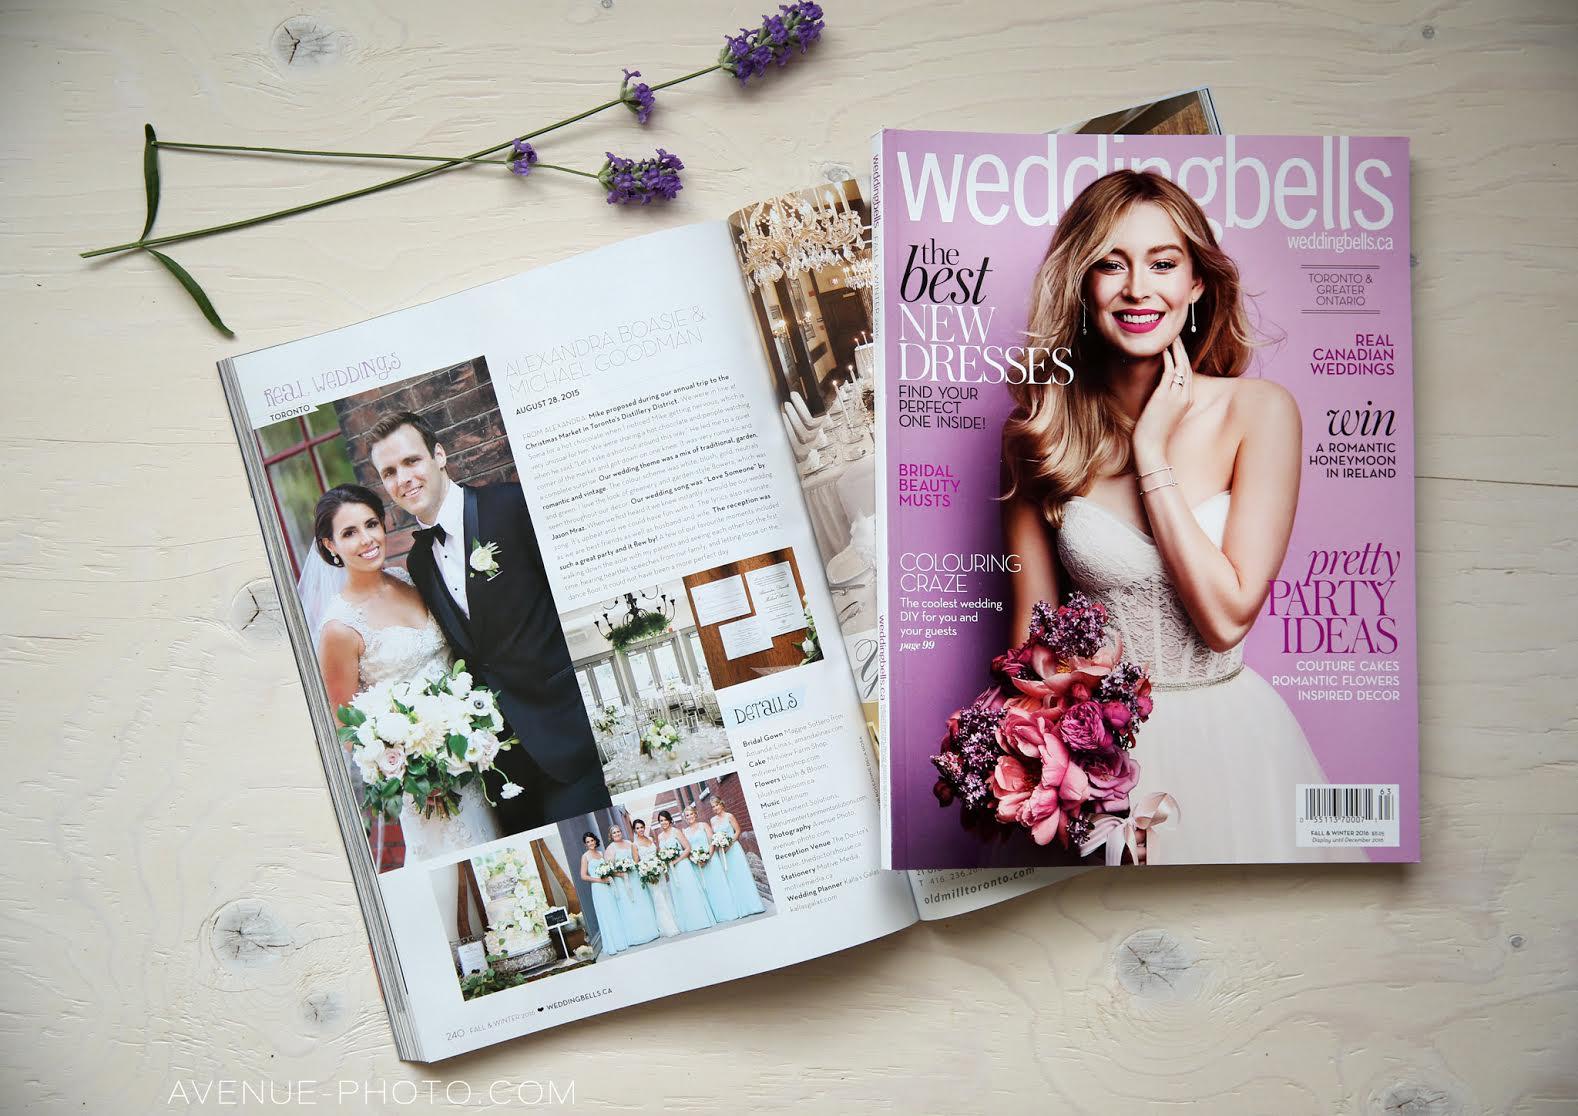 A&M WEDDING - Weddingbells Fall/Winter 2016